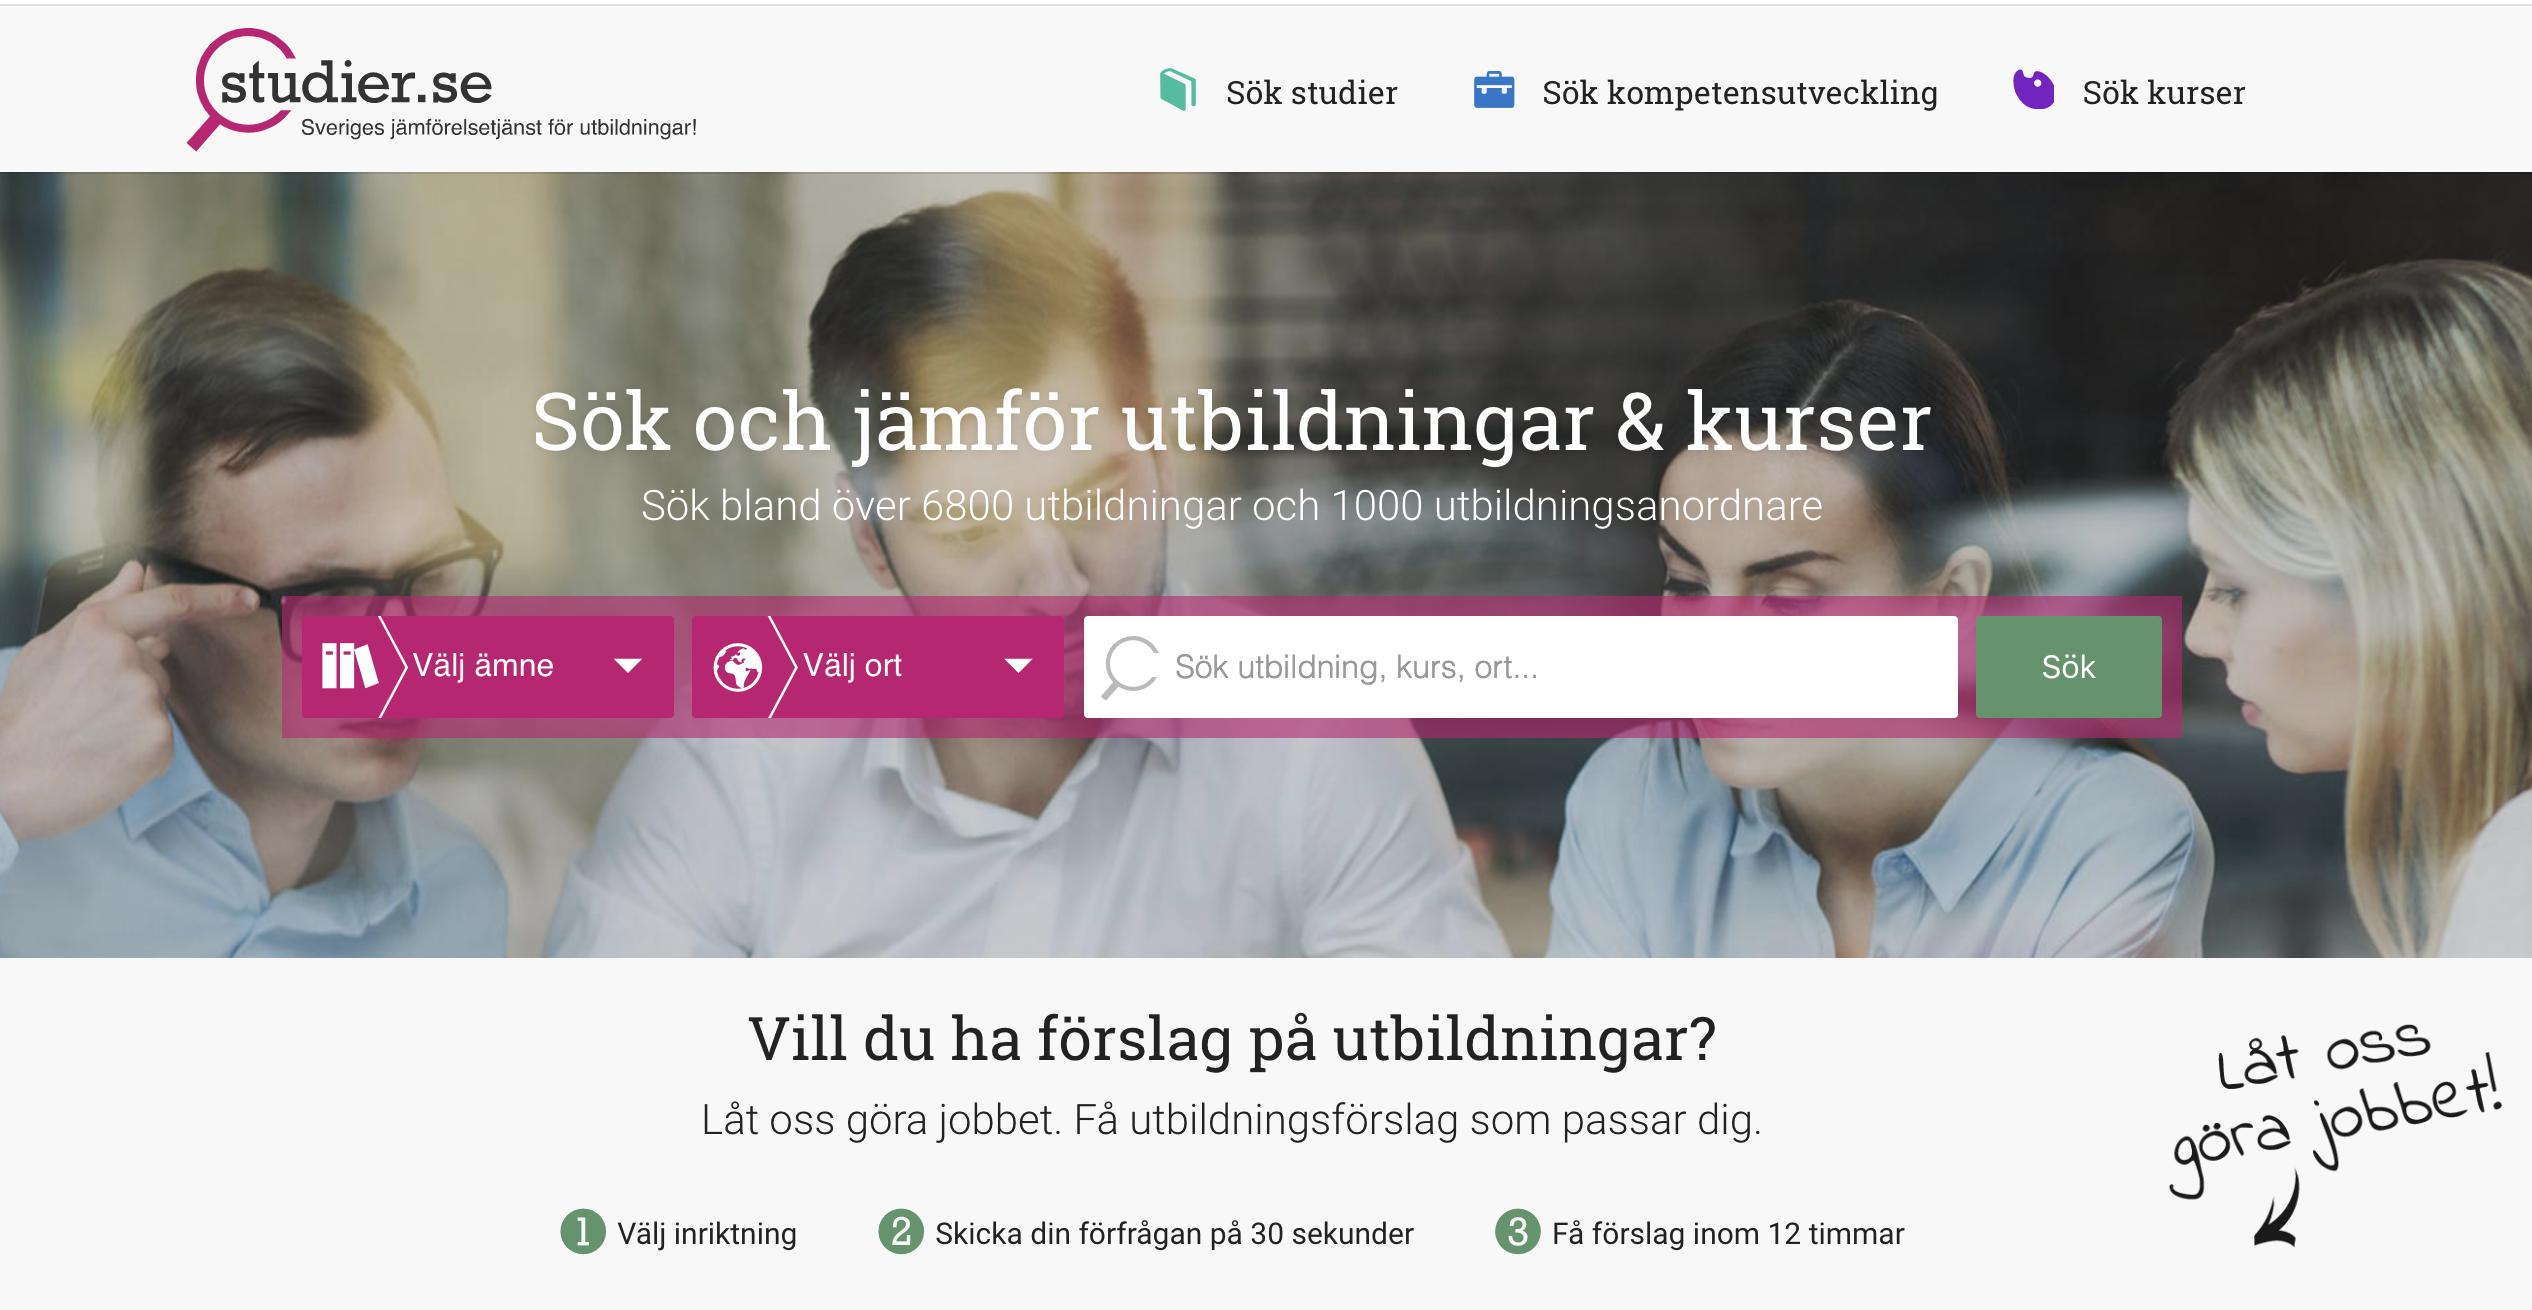 Utbildning & kurser för alla i arbetslivet utbildning.se utbildning.se